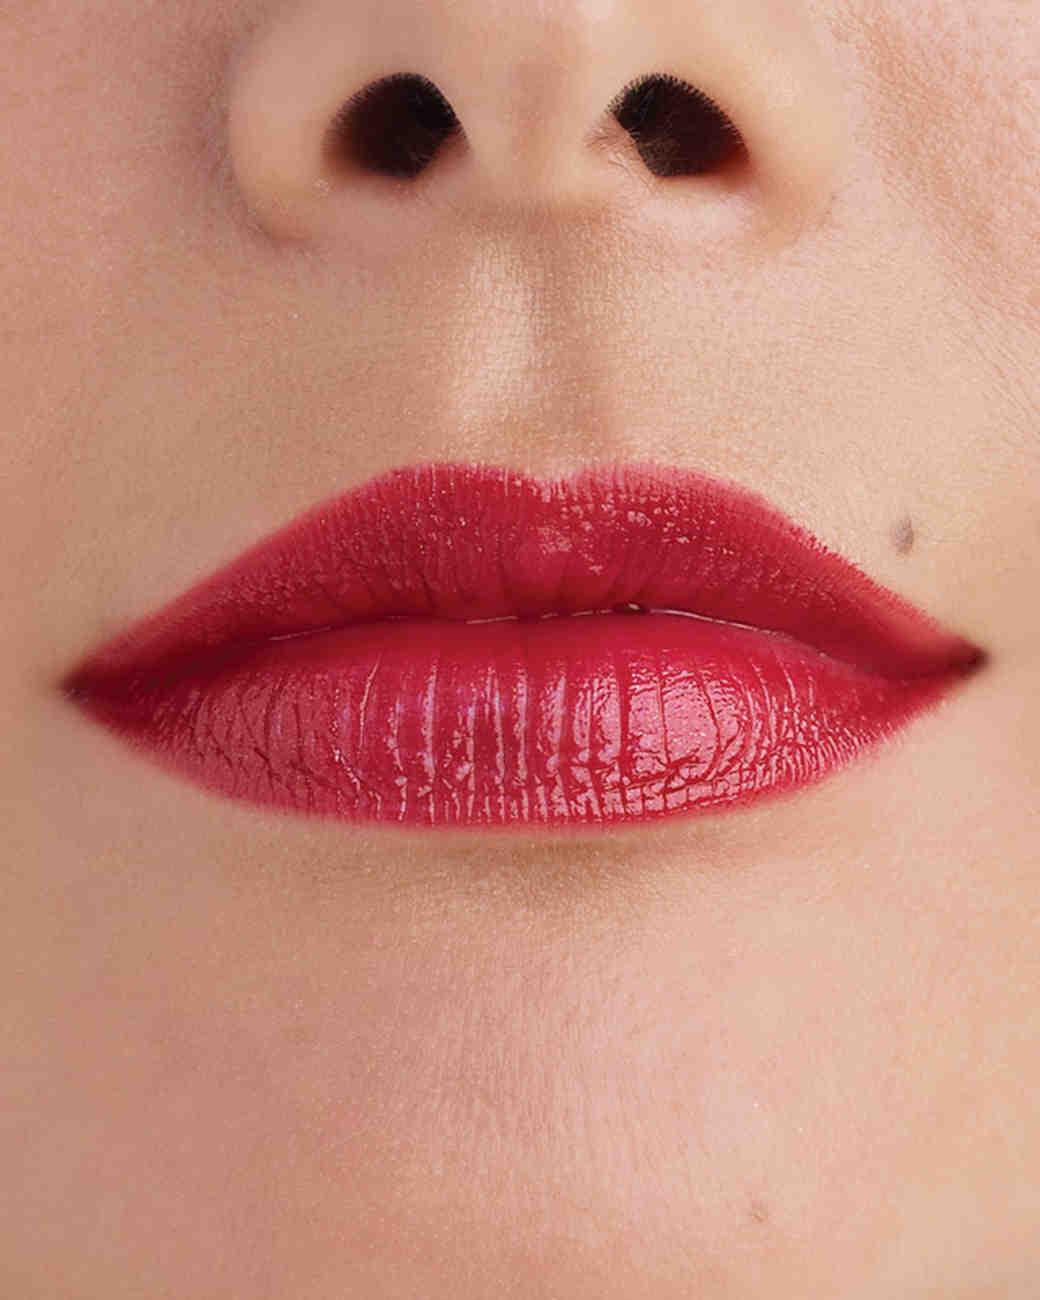 mwd104252_win09_lips09_003.jpg